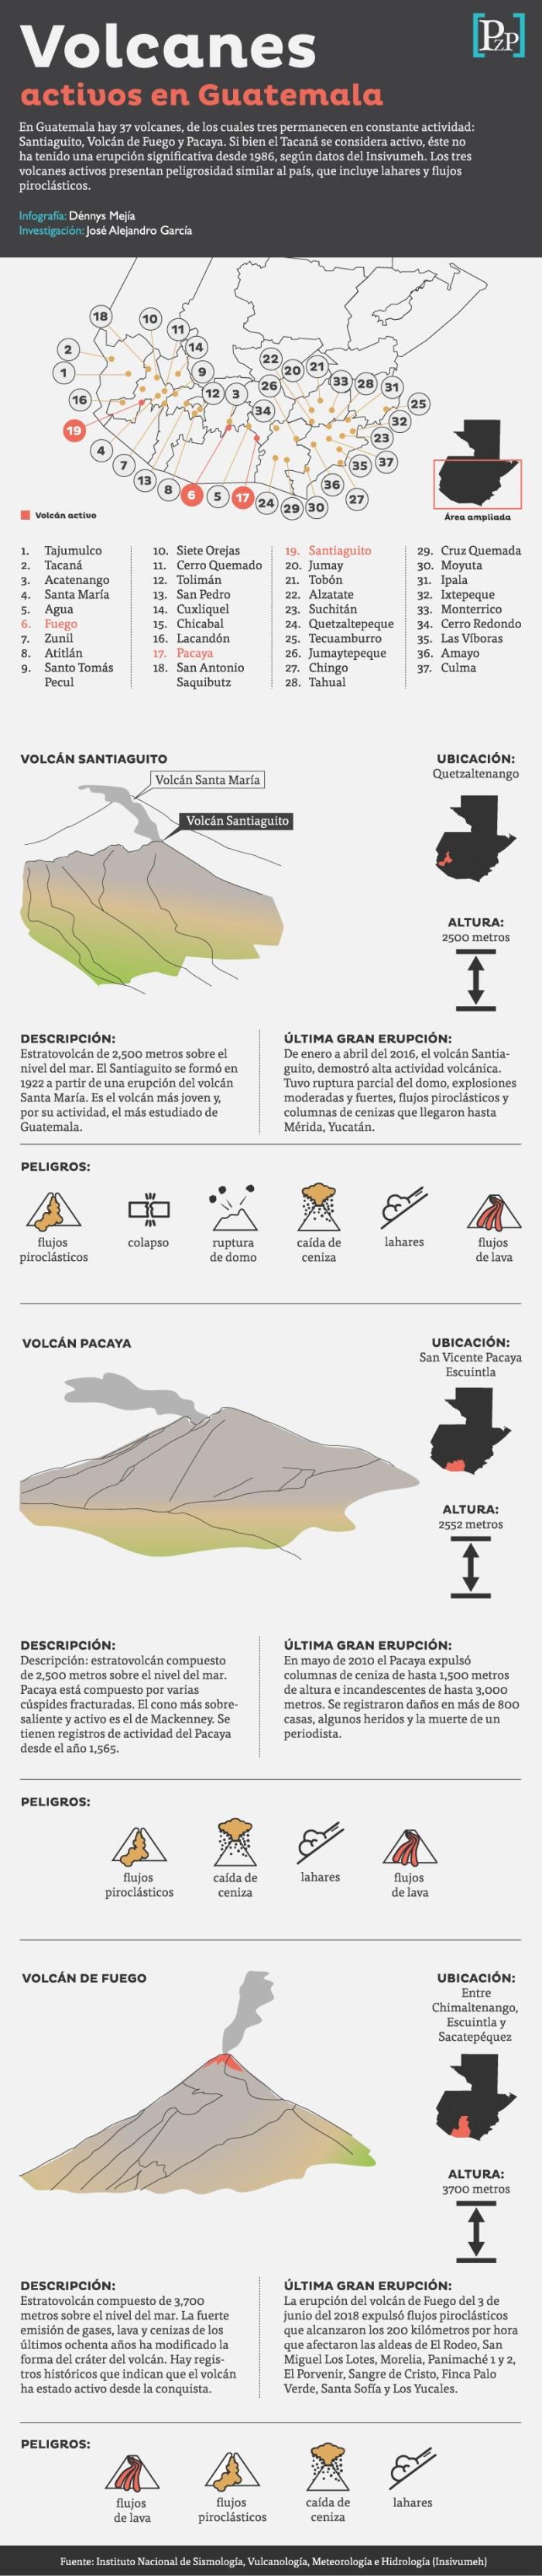 volcanes-activos